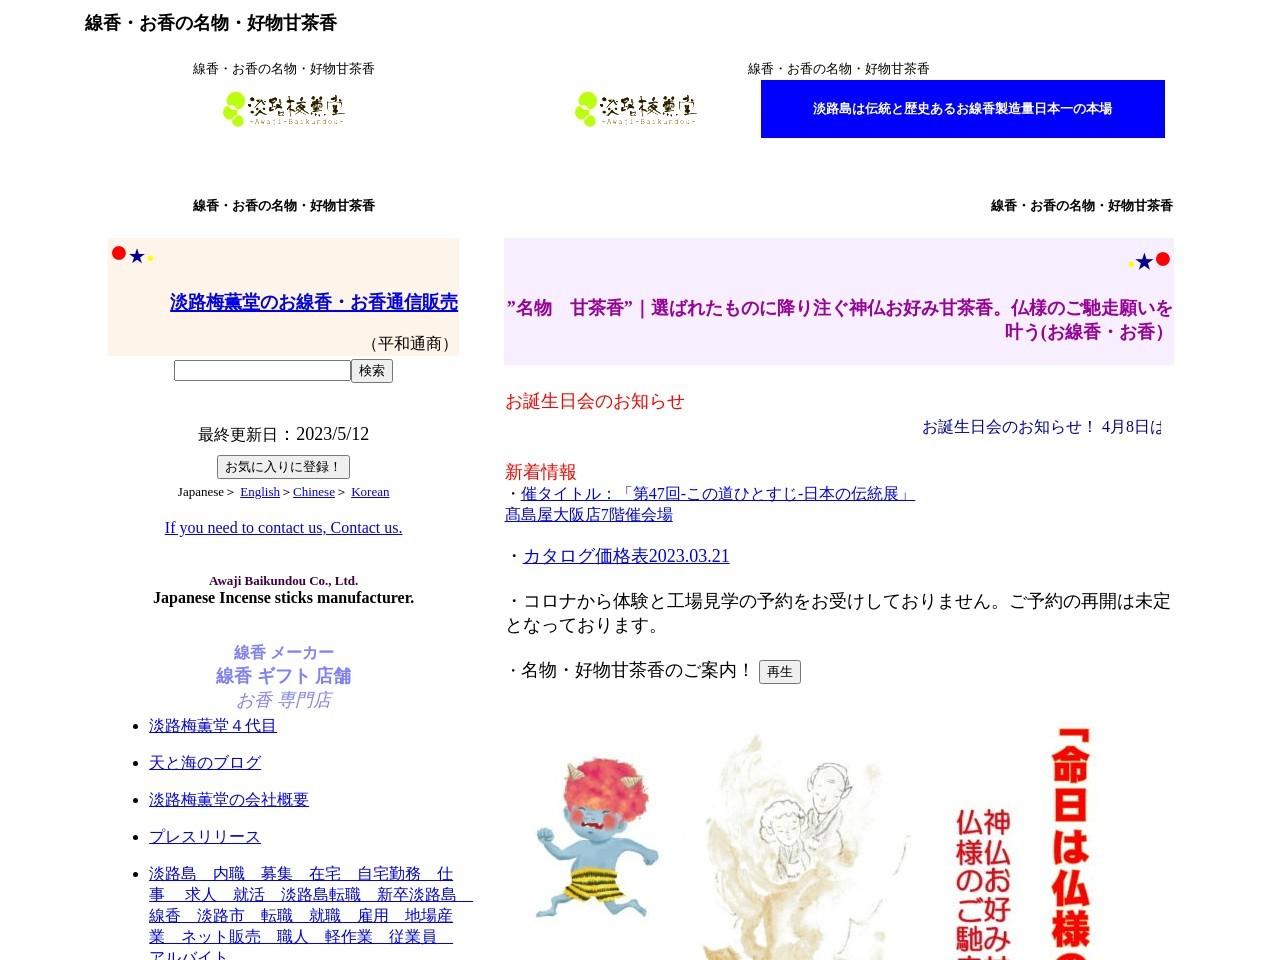 淡路梅薫堂株式会社